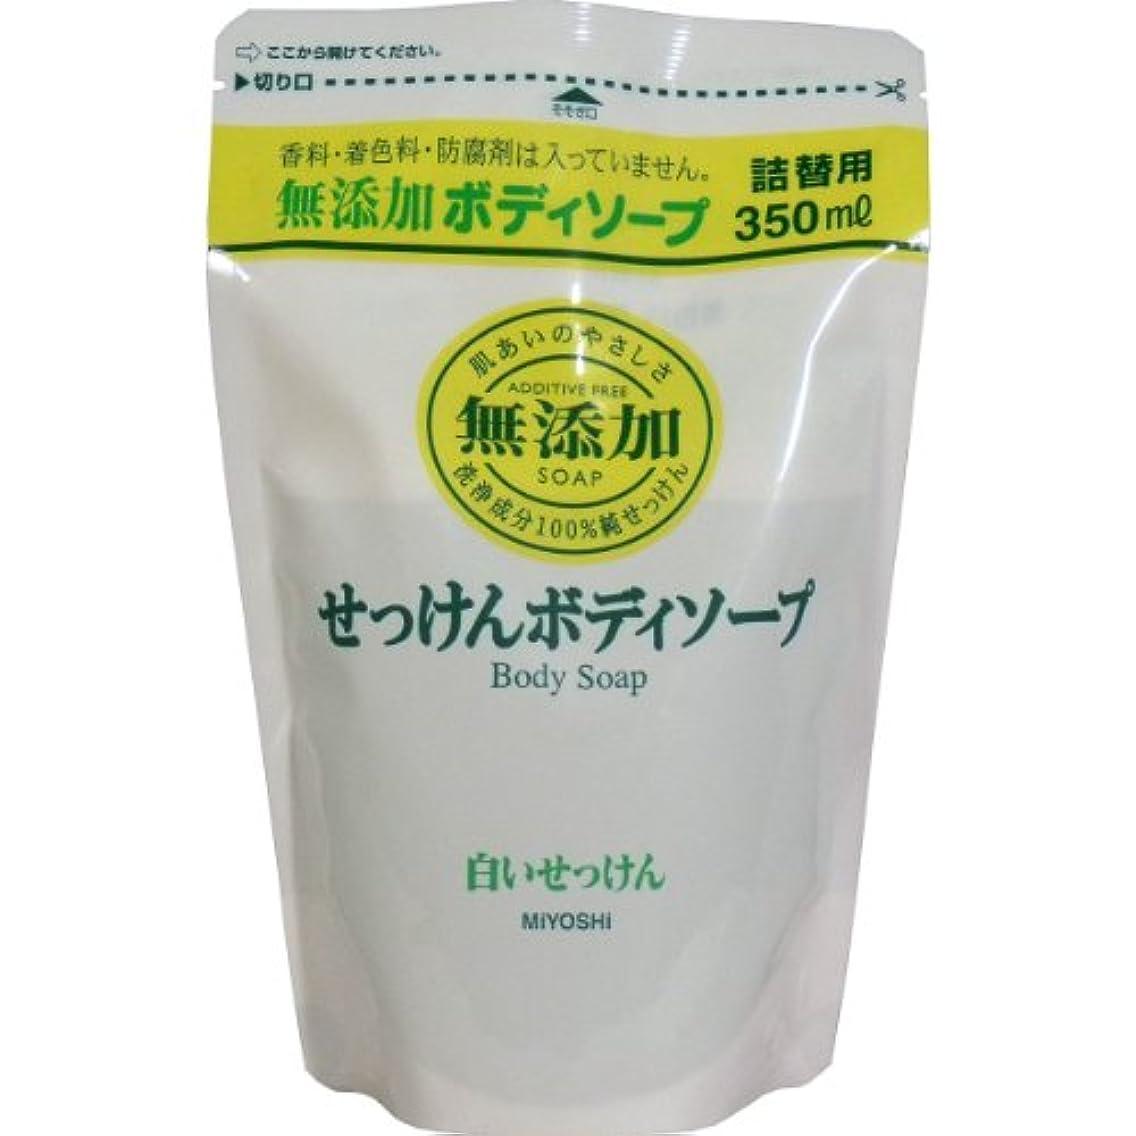 疑問に思う楽しい架空の無添加 ボディソープ 白い石けん つめかえ用 350ml(無添加石鹸) 7セット